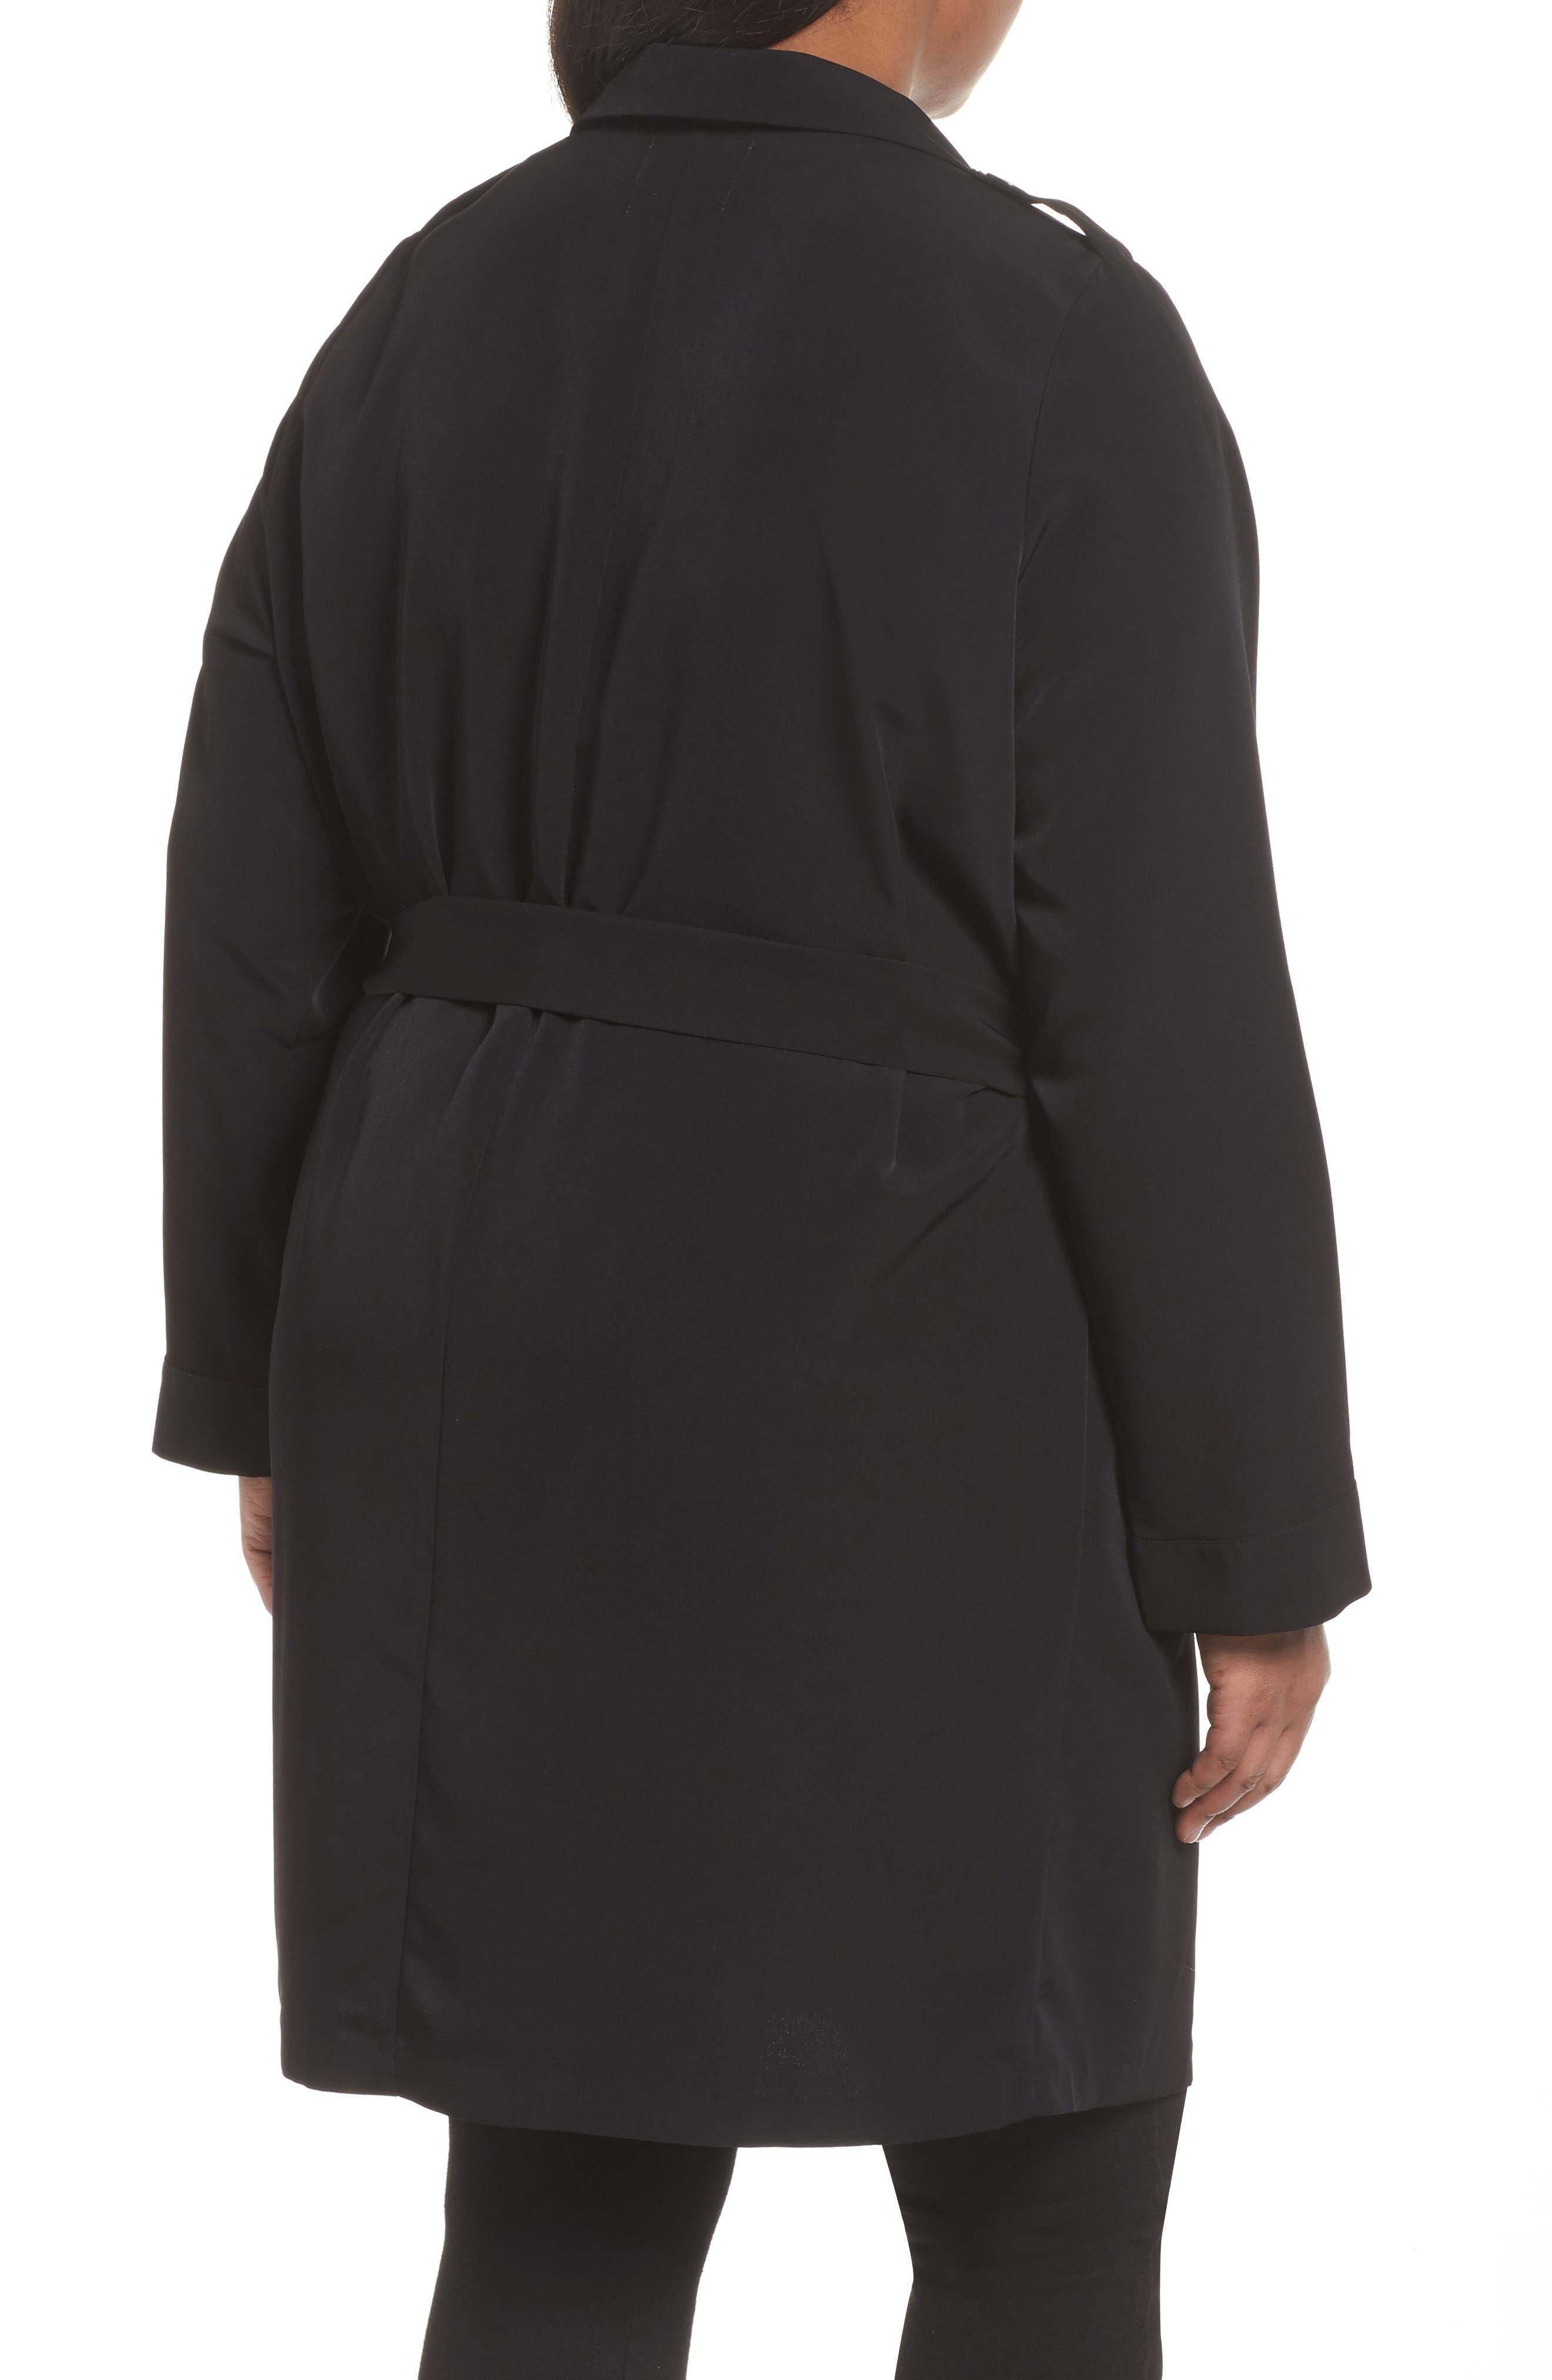 Kaiza Trench Coat,                             Alternate thumbnail 2, color,                             Black Beauty